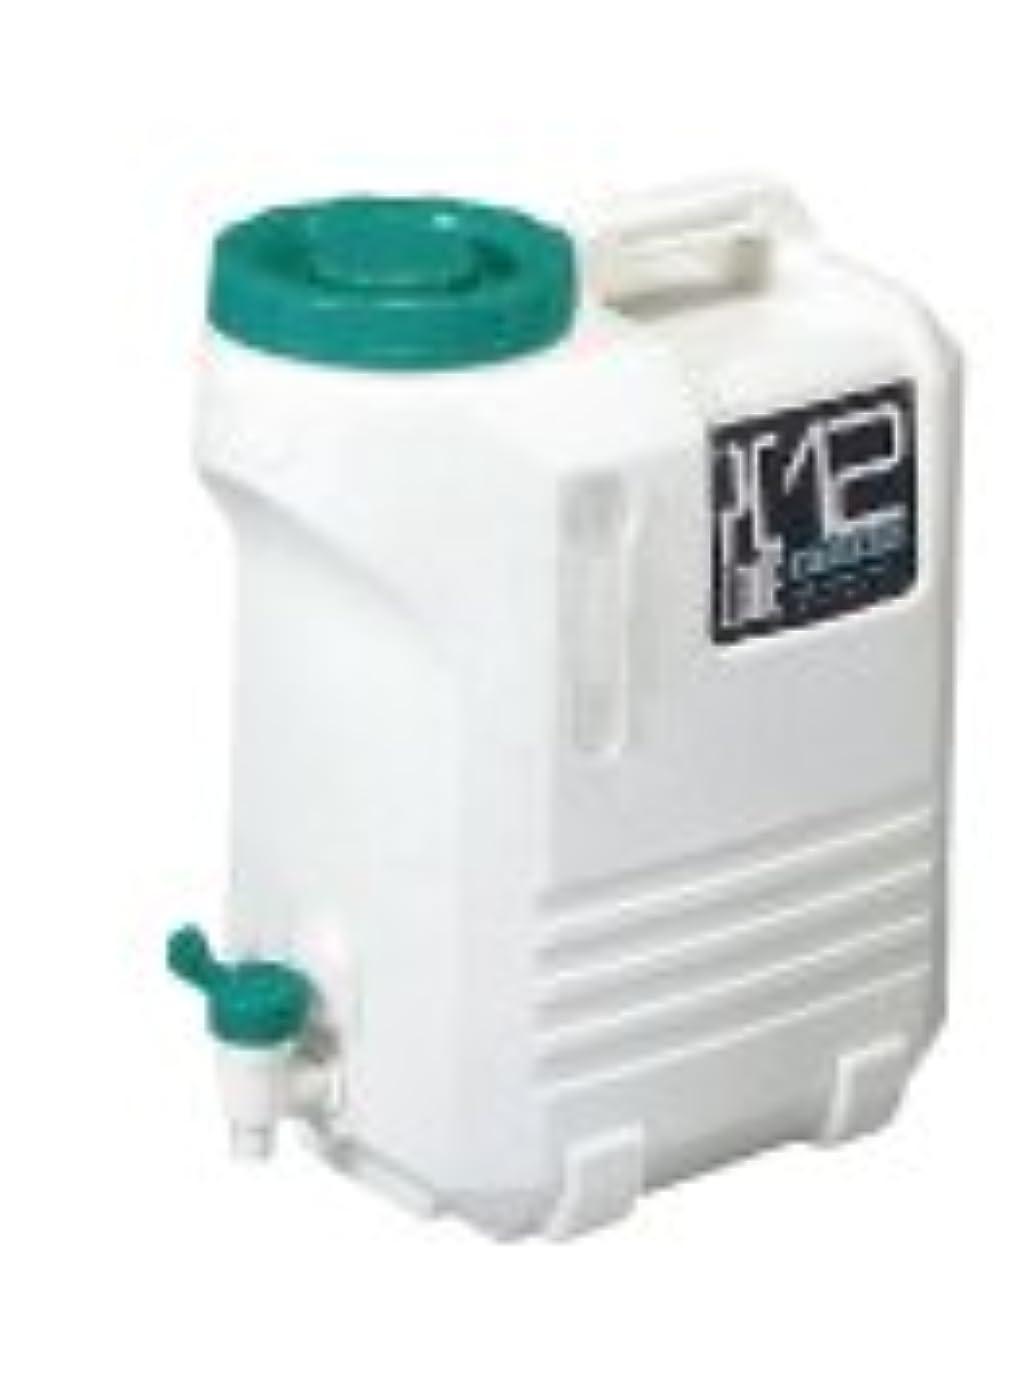 レタス青写真膨張する北陸土井工業 ヒシエス コック付水タンク PCコード#12 抗菌剤入り